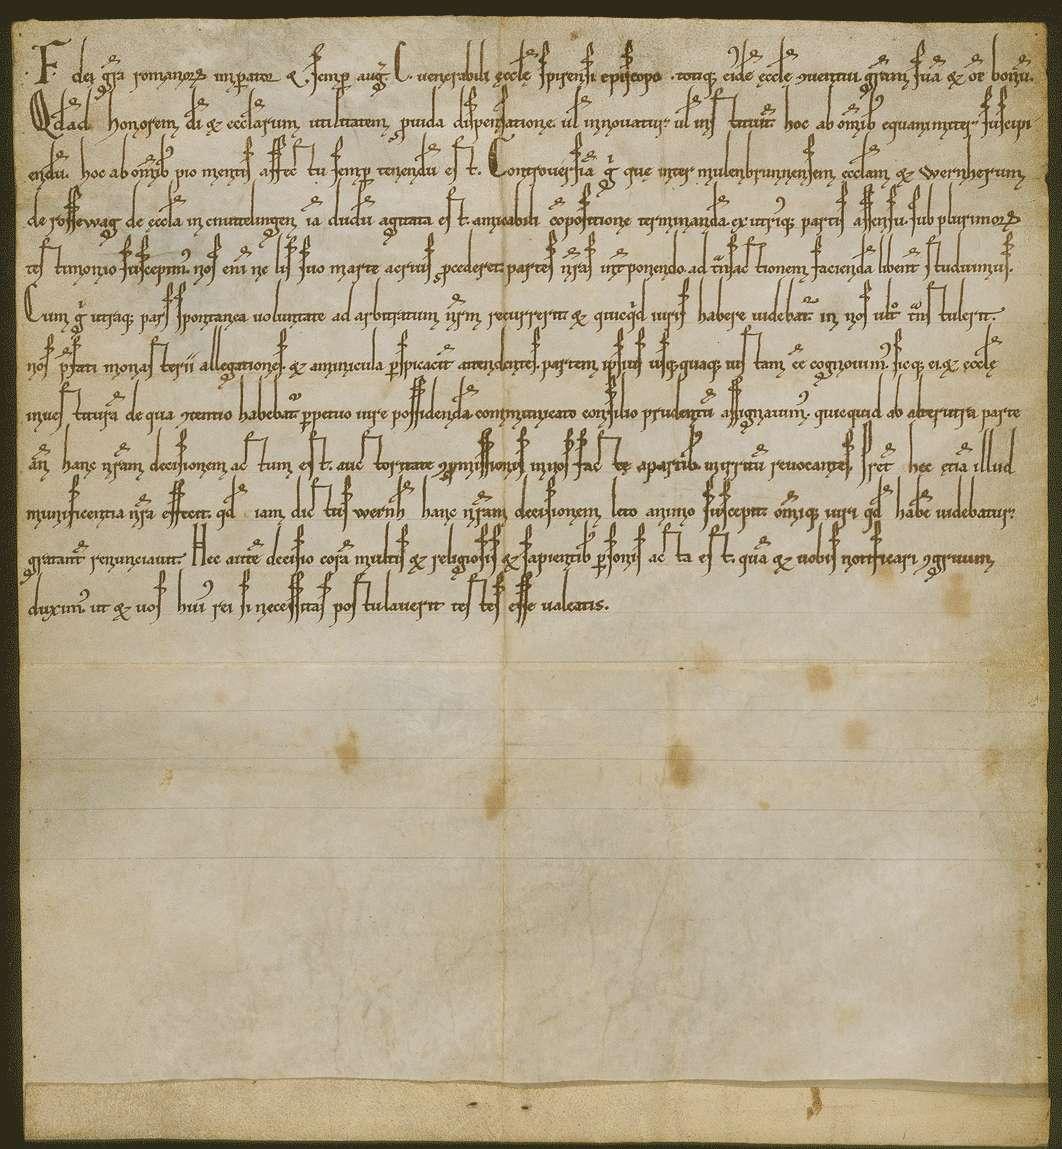 Kaiser Friedrich (I.) erkennt das zwischen dem Kloster Maulbronn und Werner von Rosswag schon lange strittige Recht der Investitur an der Kirche in Knittlingen durch schiedsrichterlichen Spruch dem ersteren zu., Bild 1